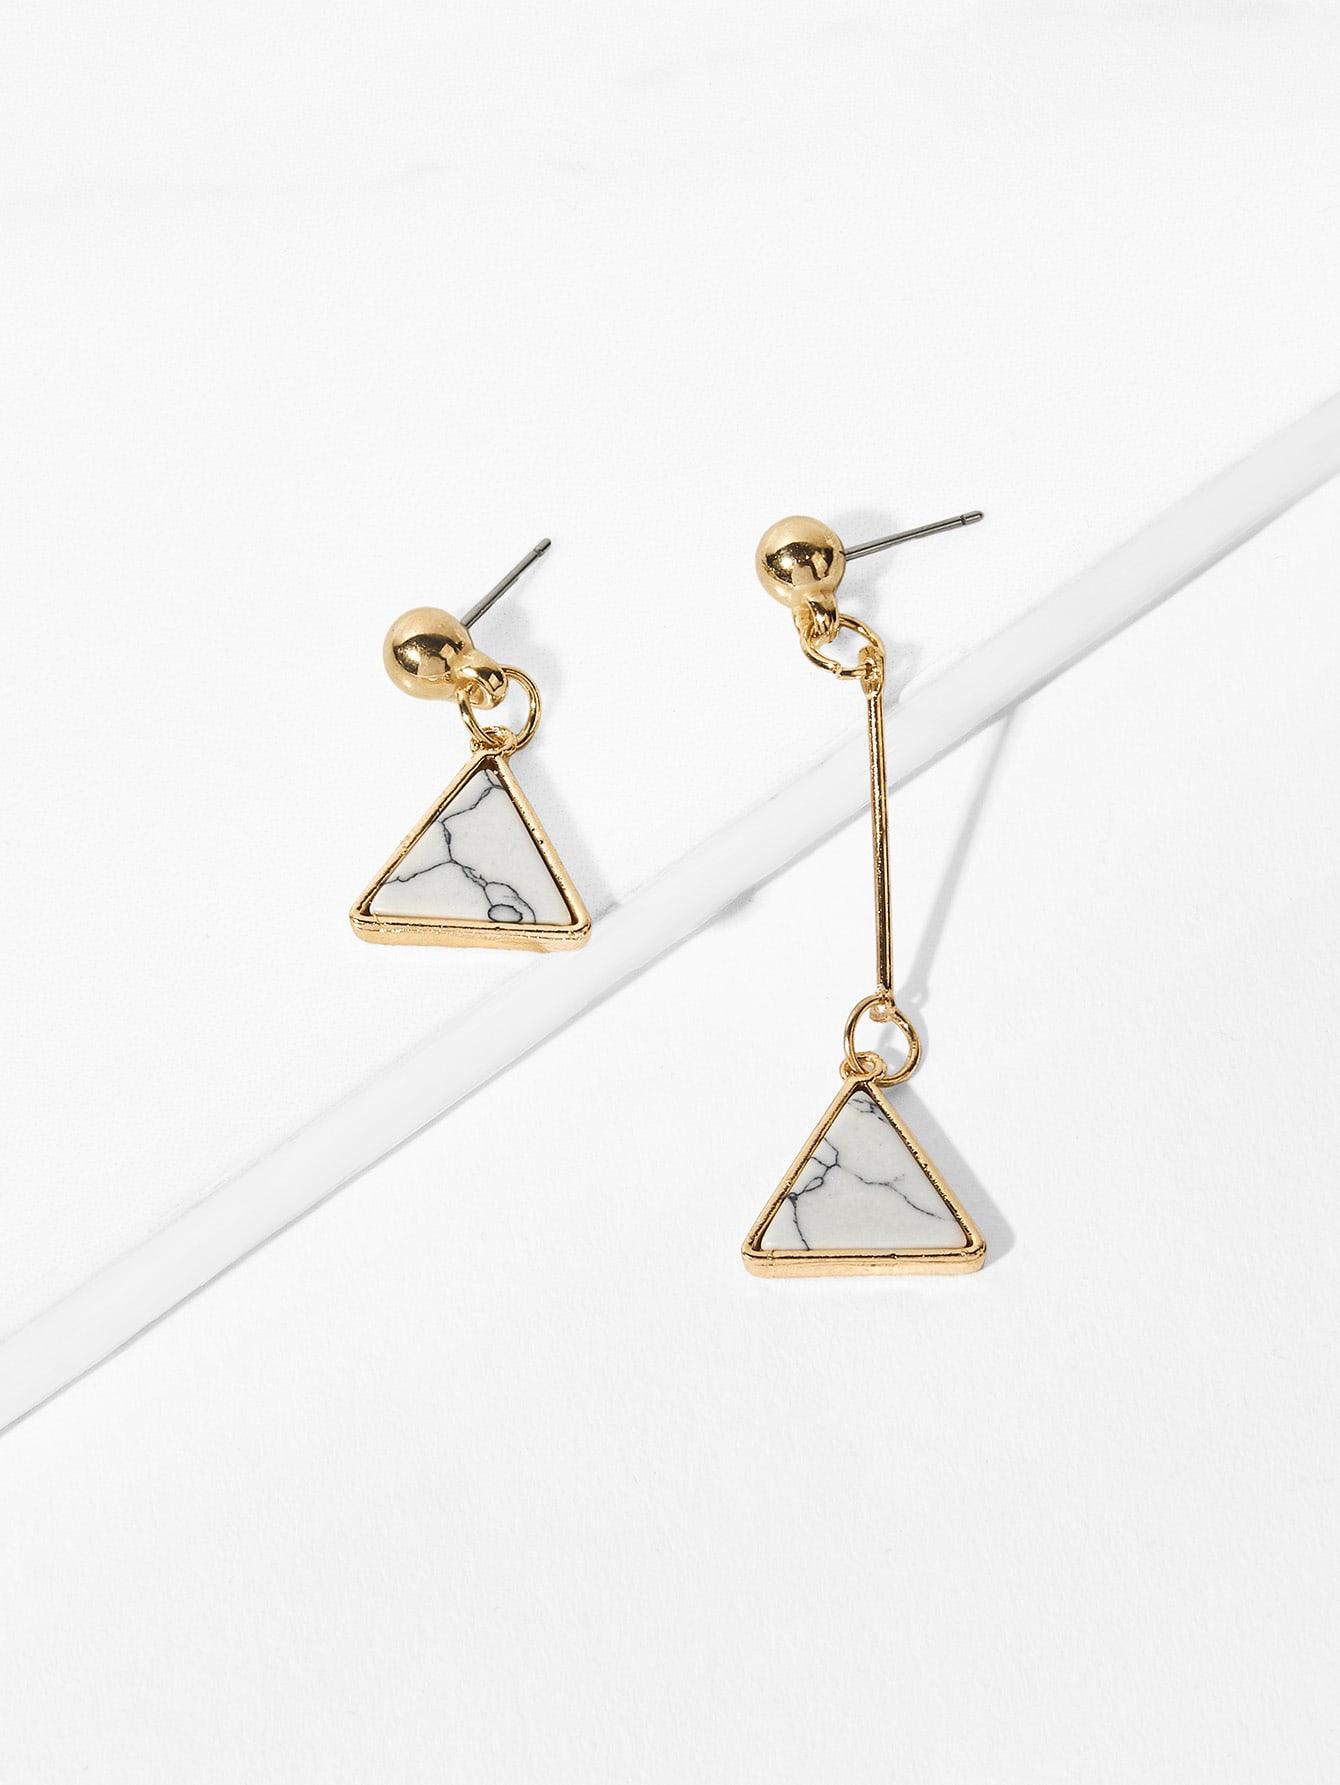 Triangle Shaped Mismatched Drop Earrings scissors shaped drop hook earrings